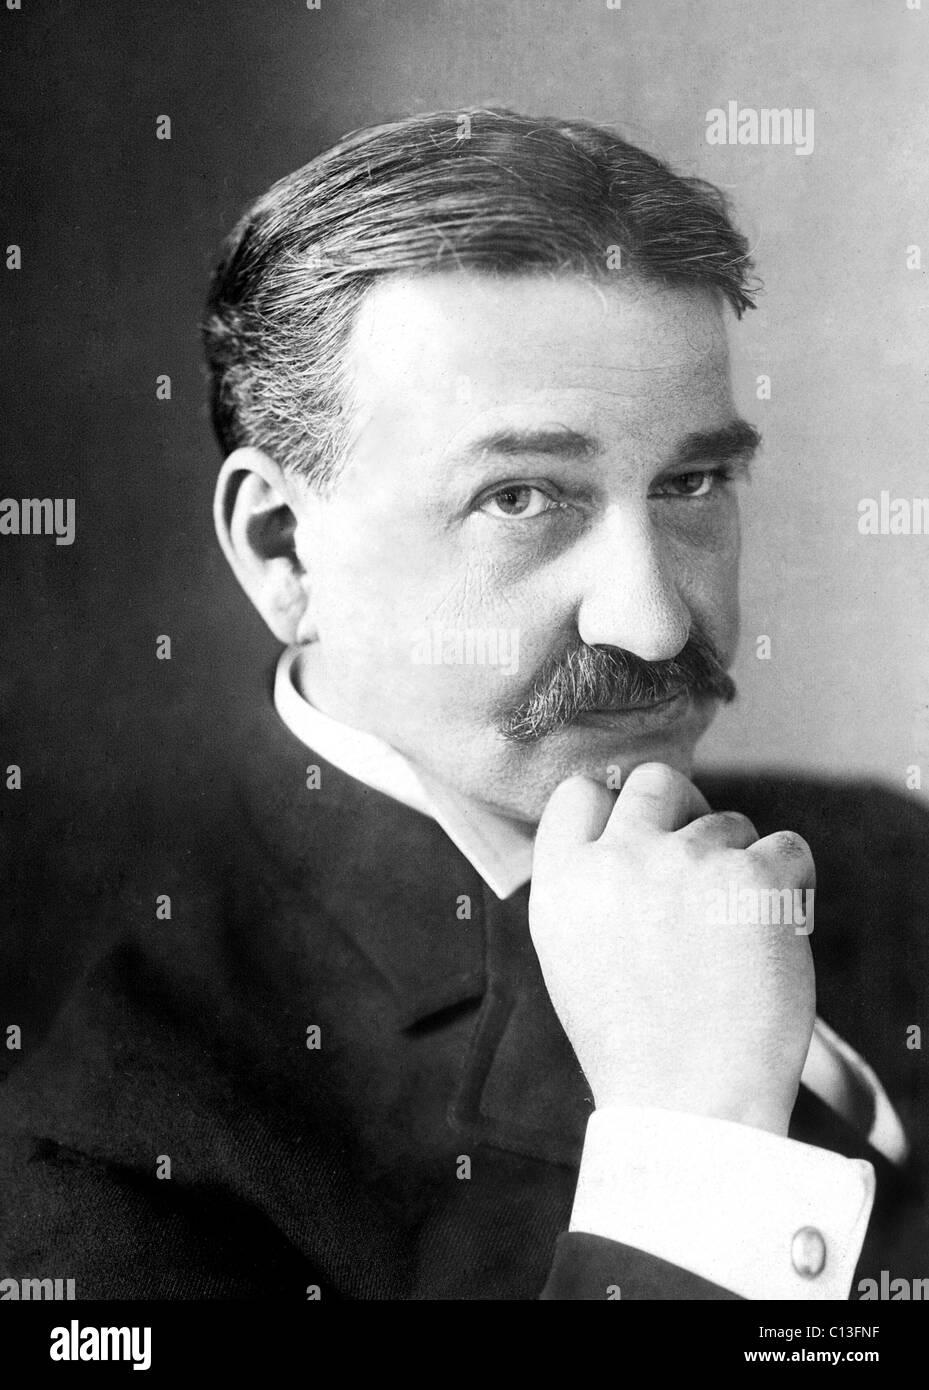 """L. FRANK BAUM, Autor des Romans """"Der Zauberer von Oz"""" Originalfotos von Dana Hull. 1908 Stockbild"""